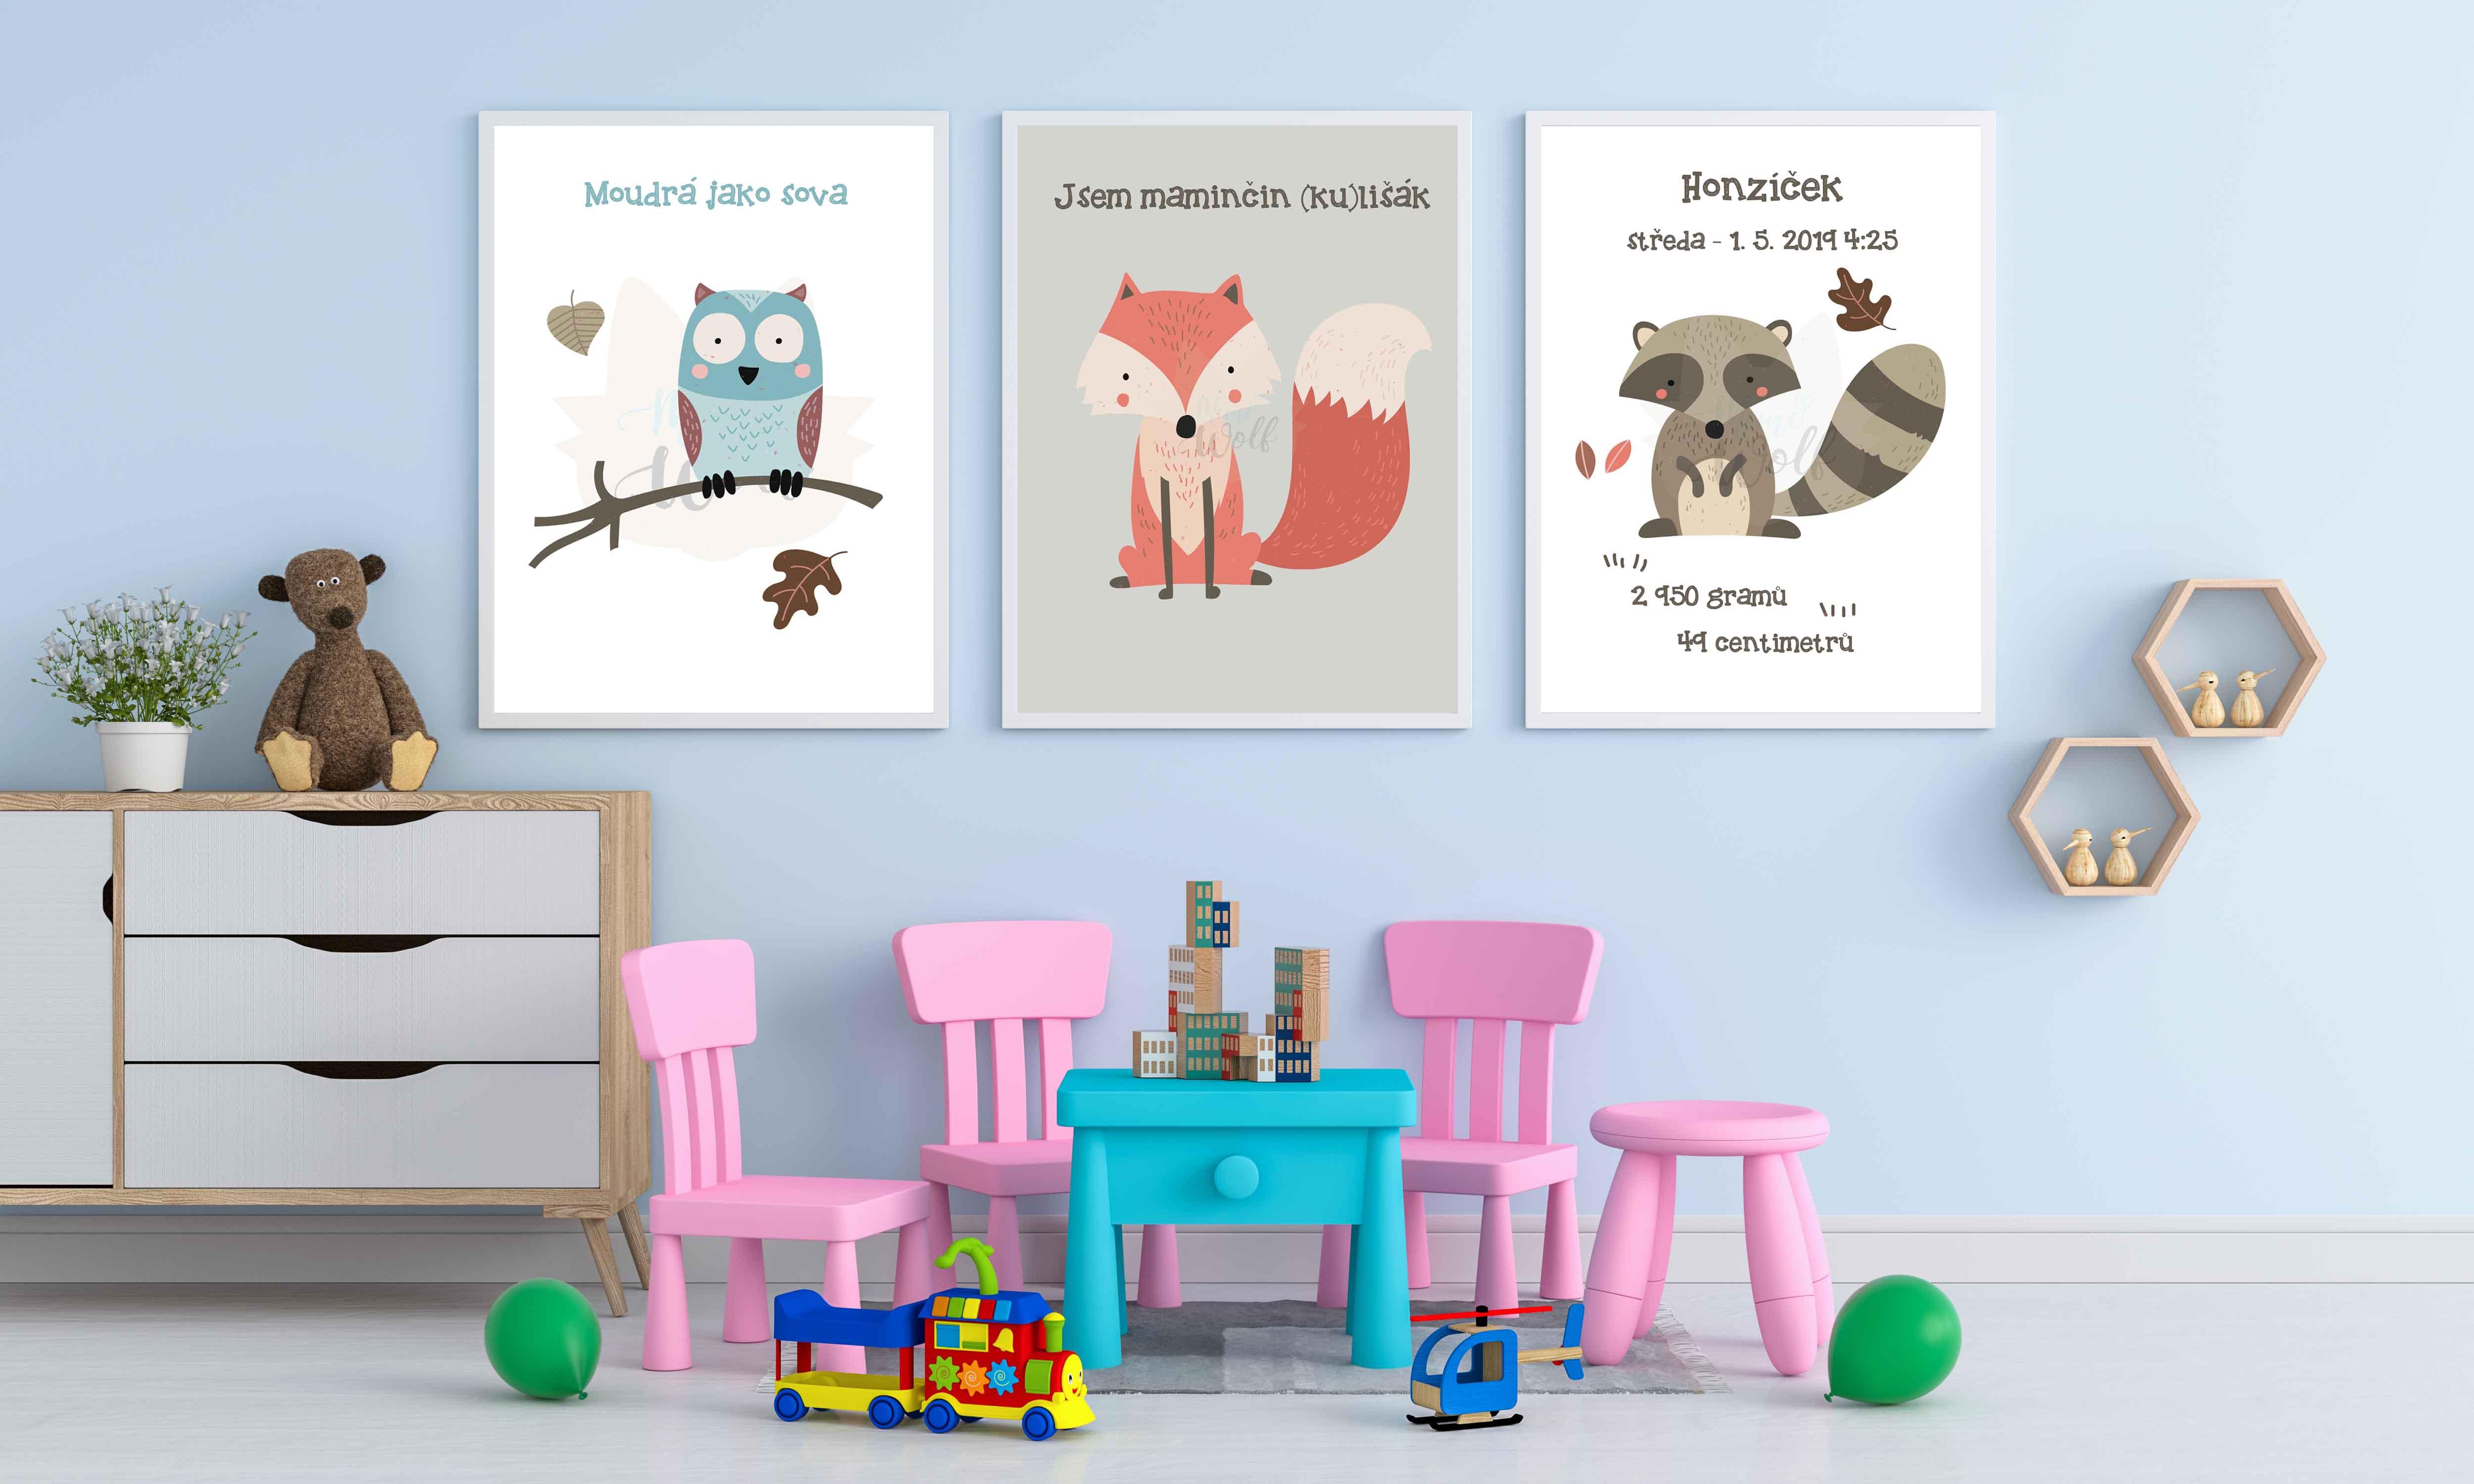 Dětský pokoj s plakáty II